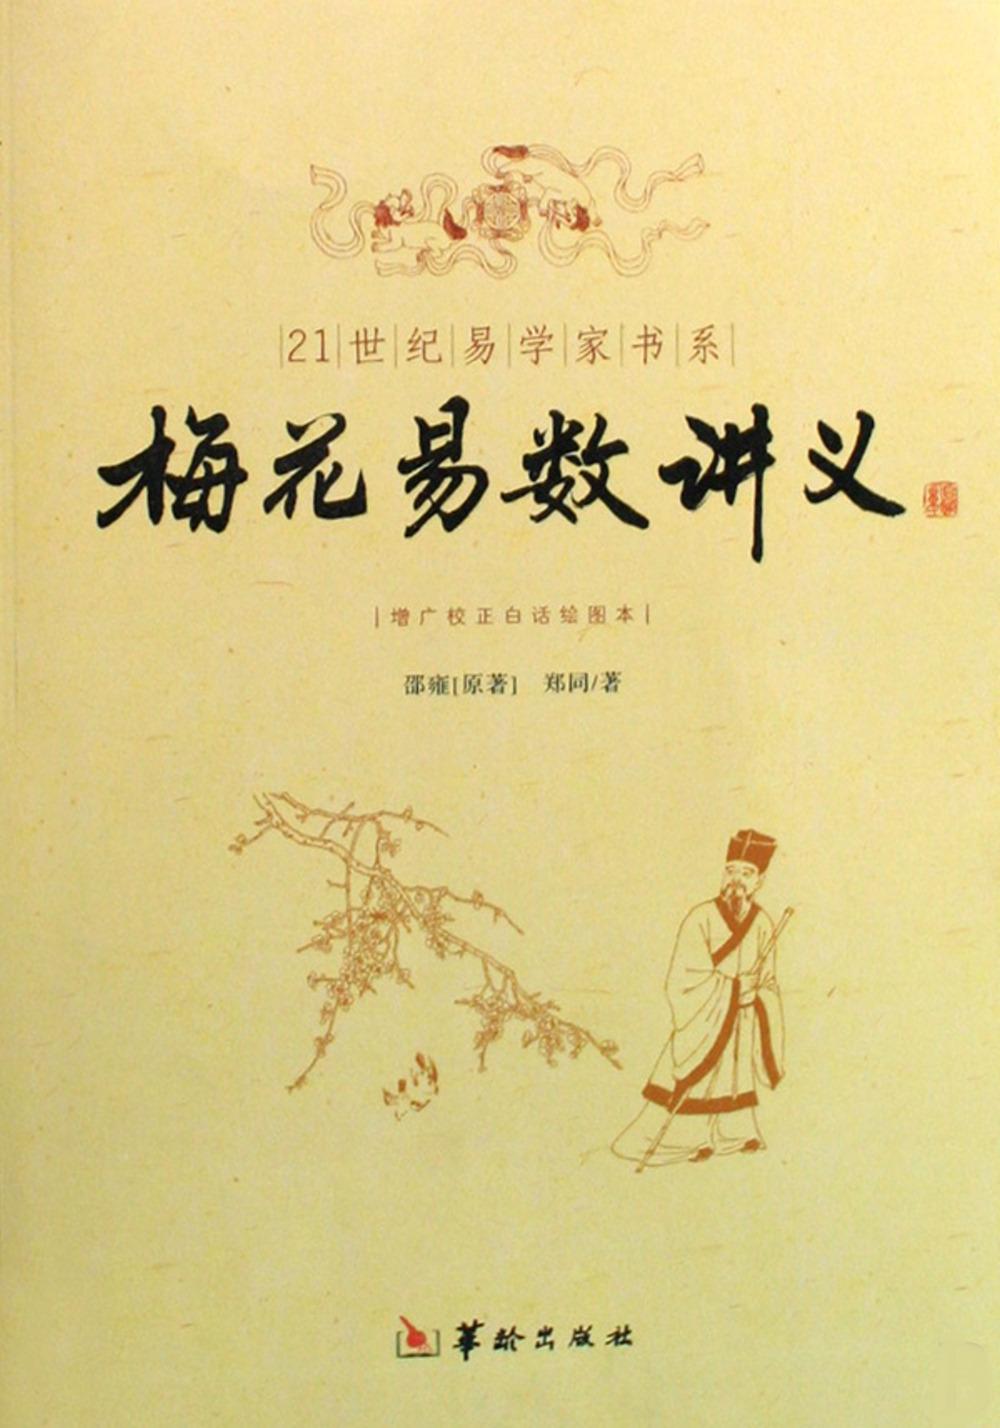 21世紀易學家書系~梅花易數講義^(ZYGZS^)